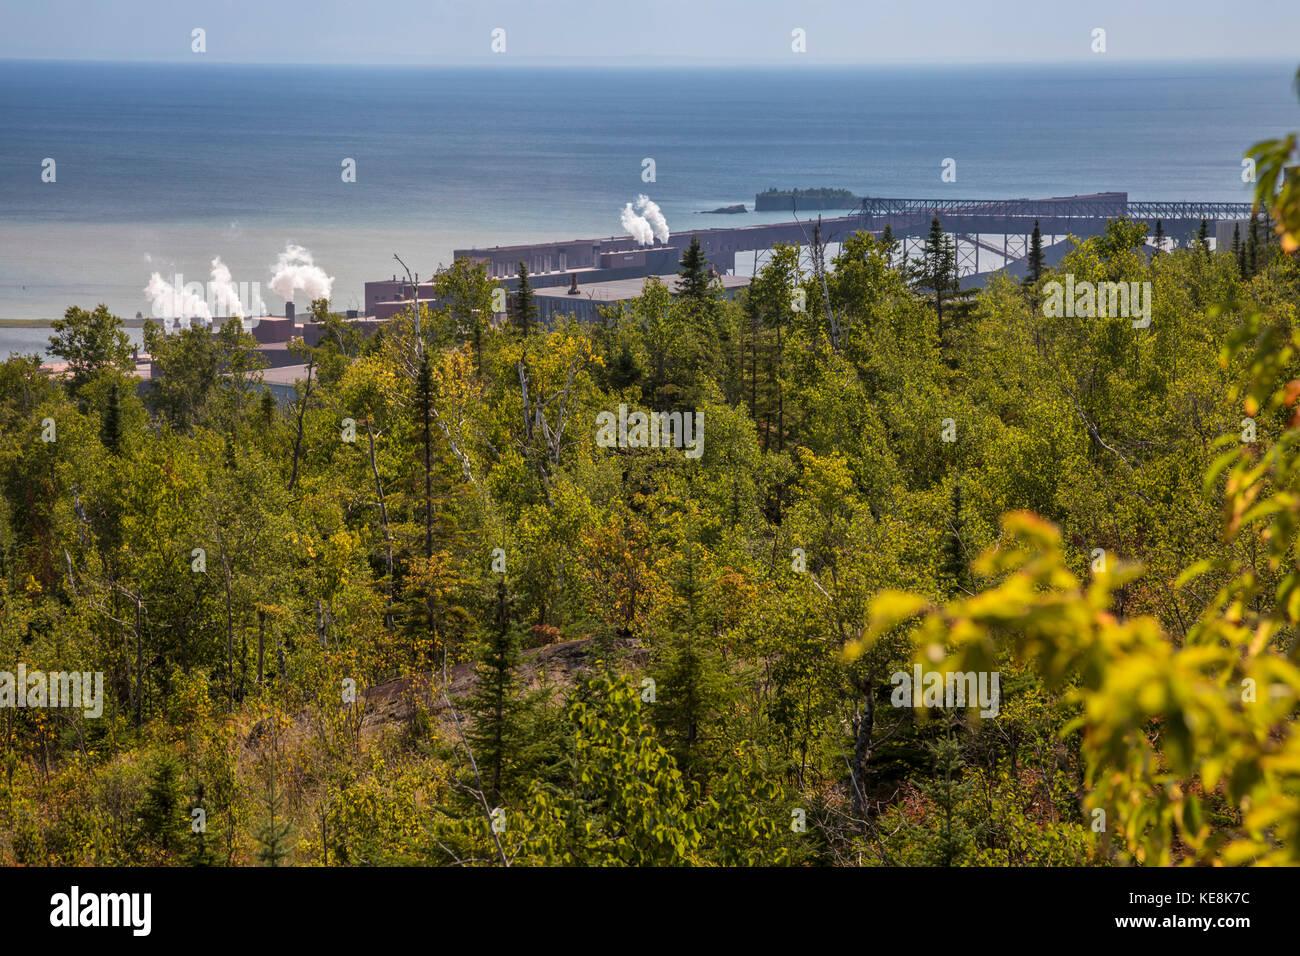 Bahía de La Plata, Minnesota - northshore mining taconite planta de procesamiento en la orilla del lago superior. Imagen De Stock